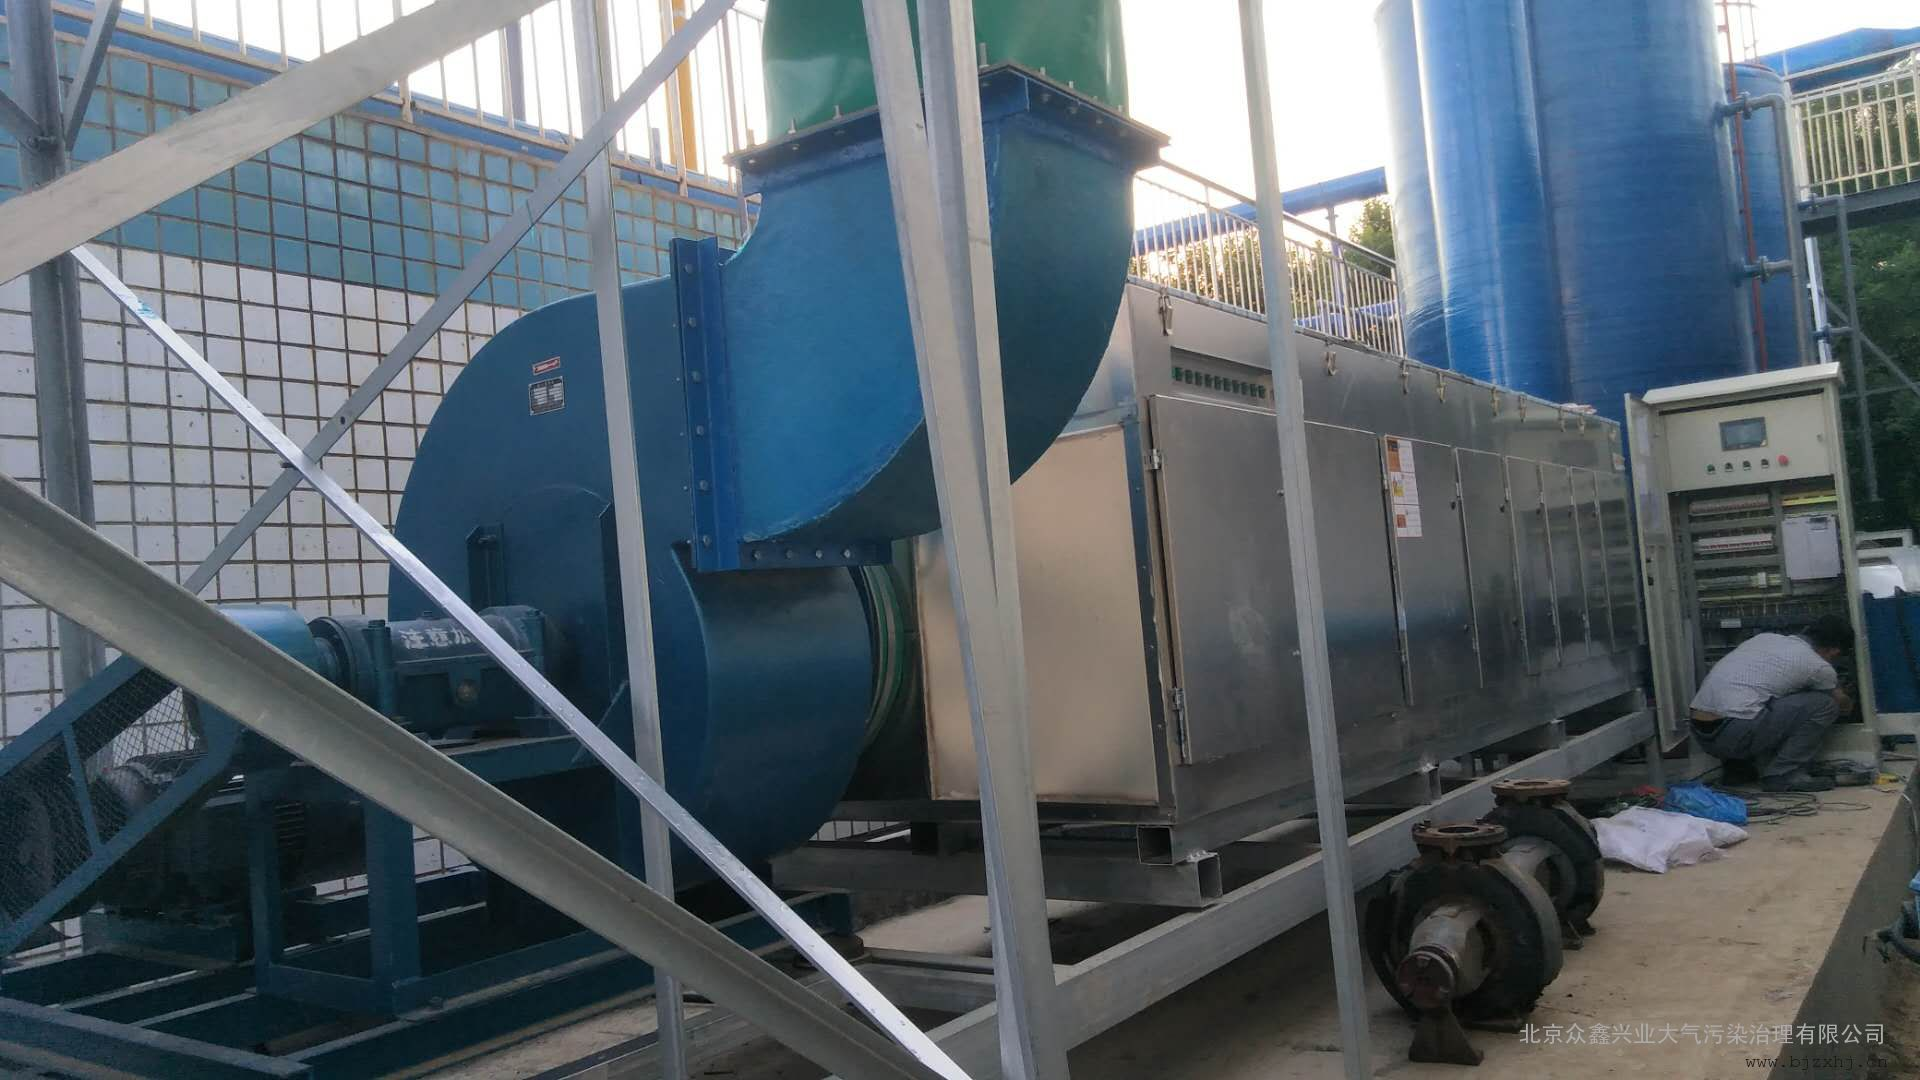 垃圾场除臭设备/恶臭气体治理设备/垃圾发电站除臭装置/环保设备